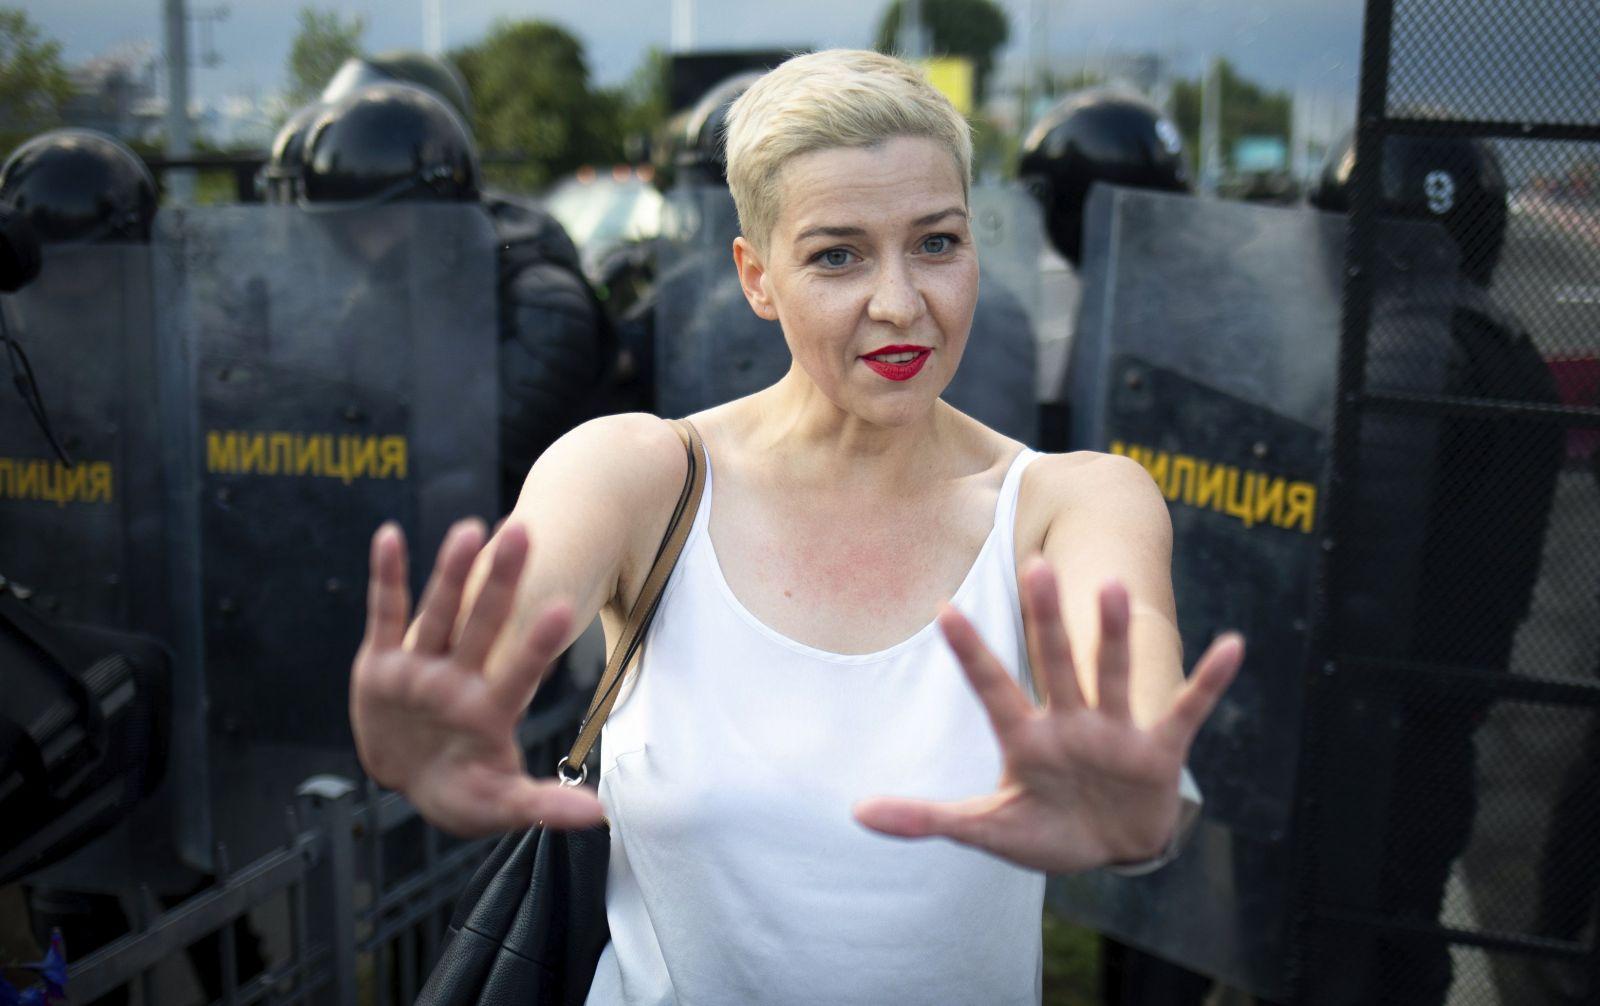 Bieloruské protesty opäť naberajú na sile, v krajine miznú predstavitelia opozície. Mariu Kolesnikovu uniesli maskovaní muži